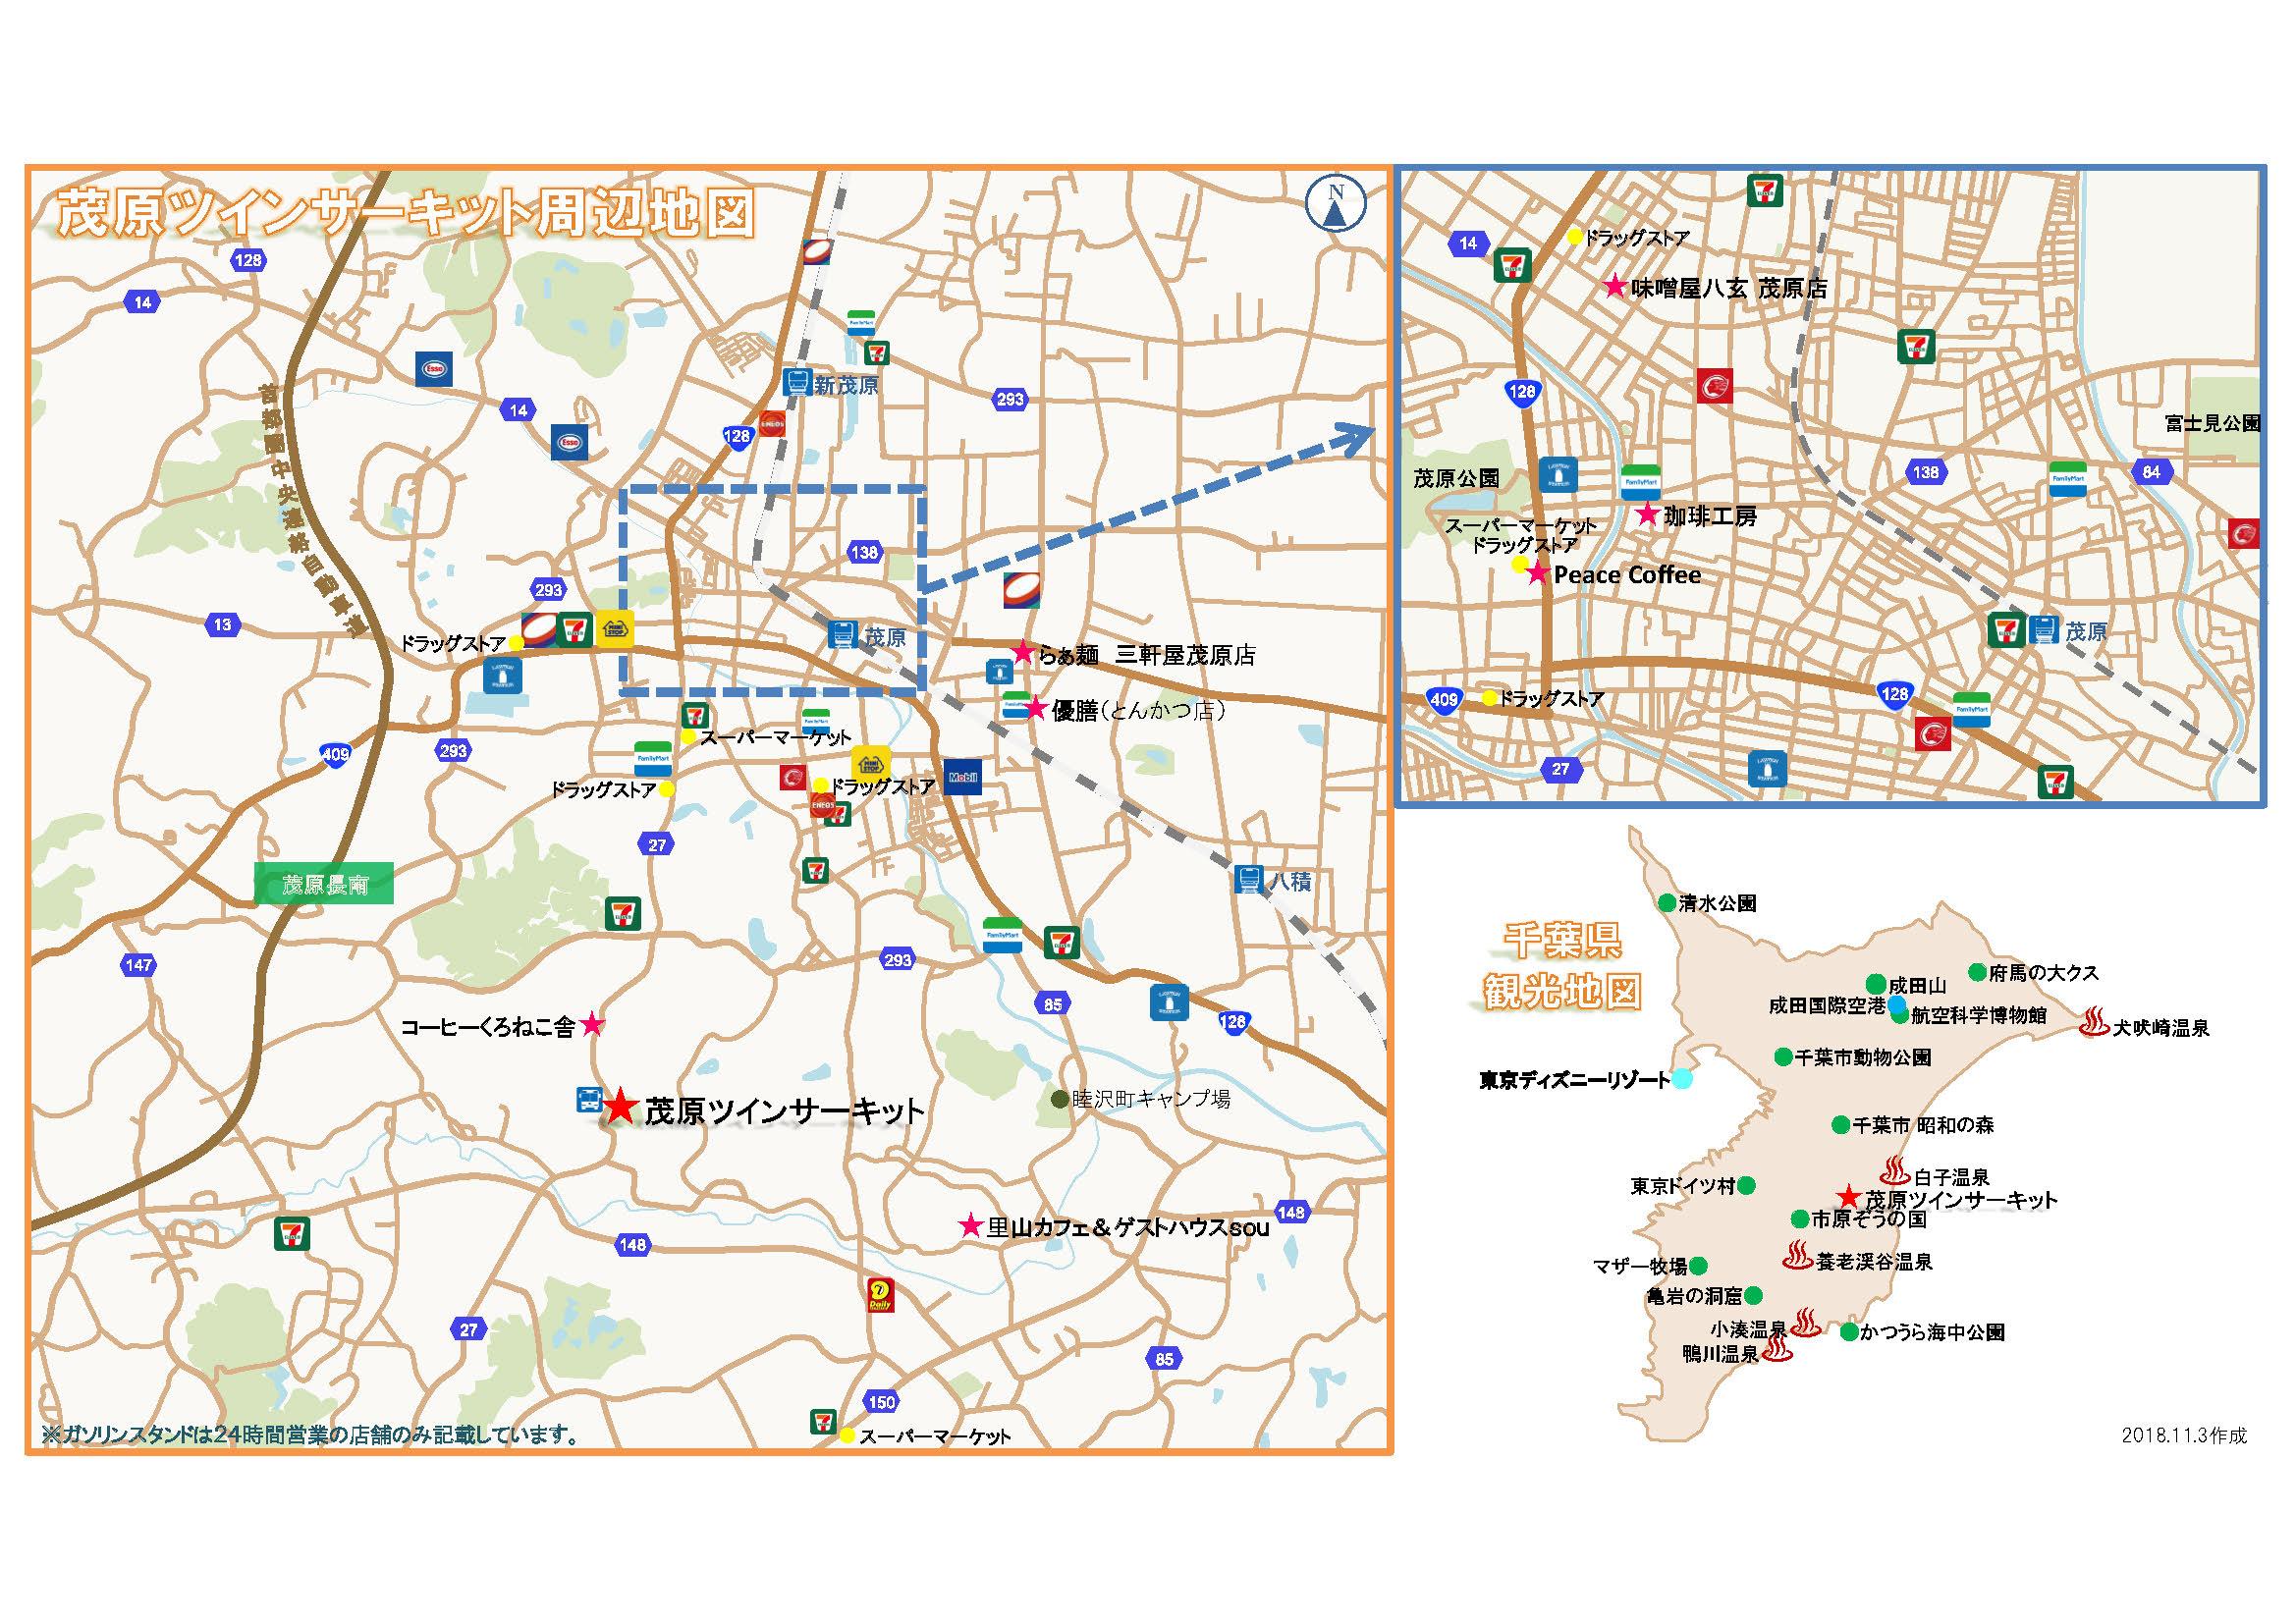 茂原ツインサーキット周辺地図(2018.11)